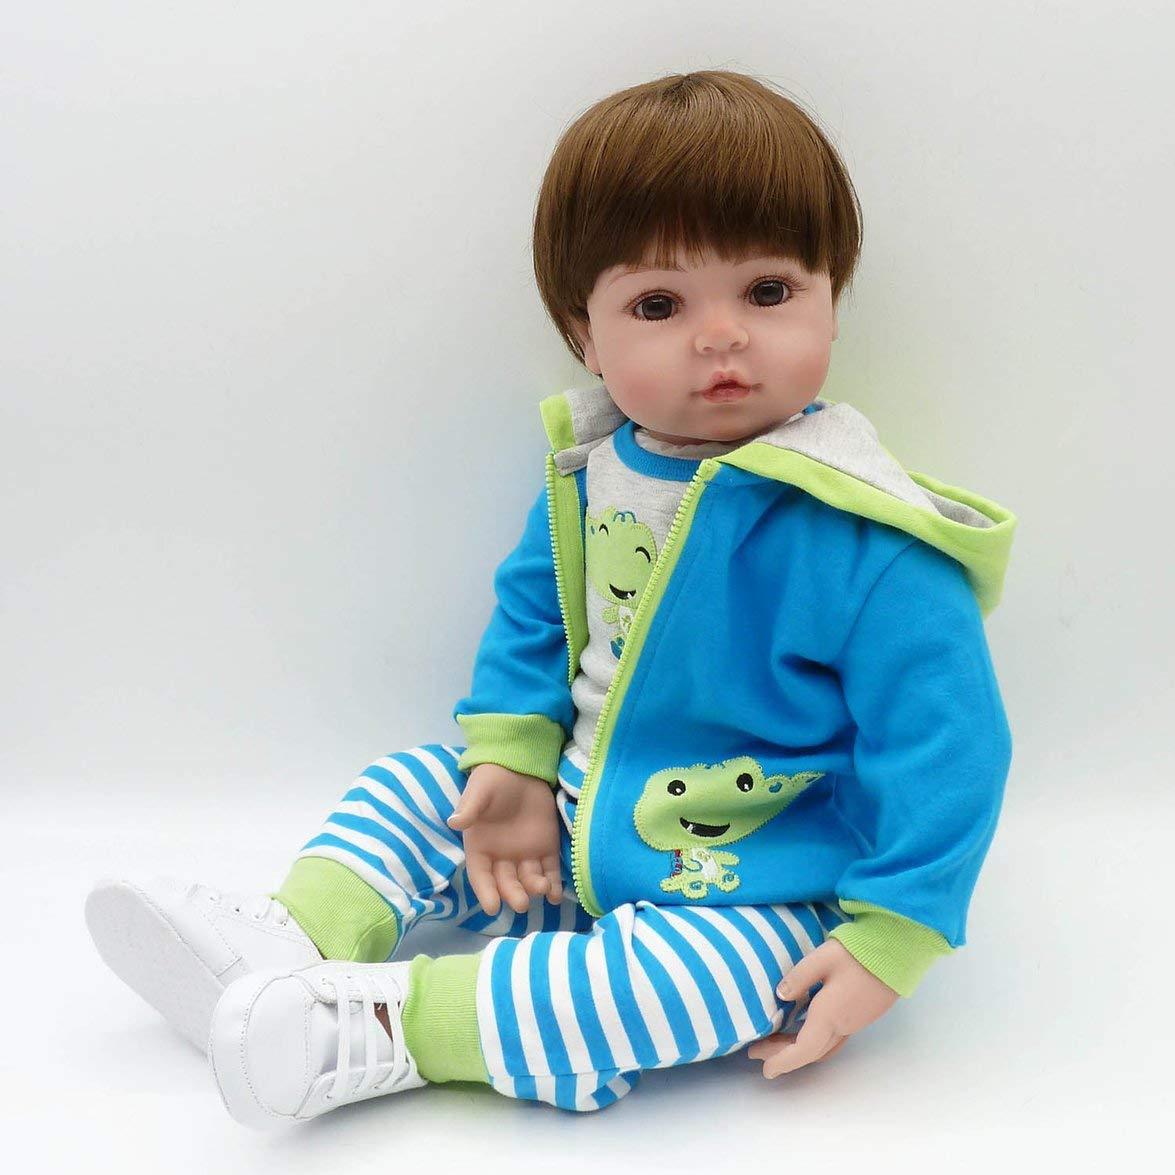 Kongqiabona 58 cm Ganzkörper Weiche Silikon Silikon Silikon Vinyl Baby Puppe Puppe Spielzeug Babe Reborn Baby Puppe Playmate Geschenk ungiftig Sichere Handgemachte Baby Puppe 408326